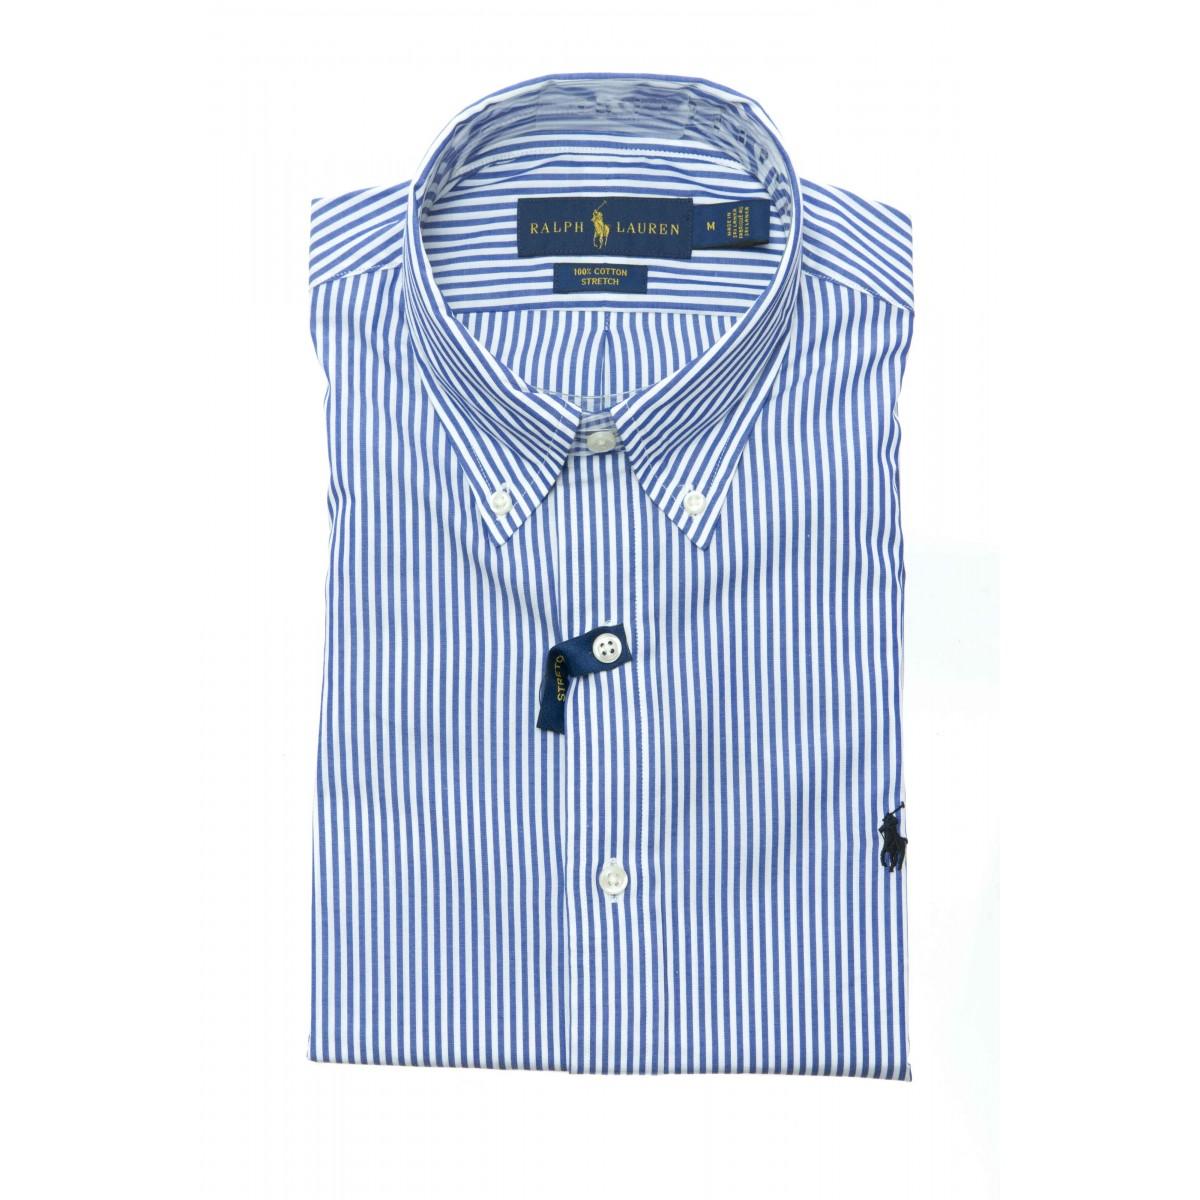 Camicia uomo - 705967 camicia riga custom